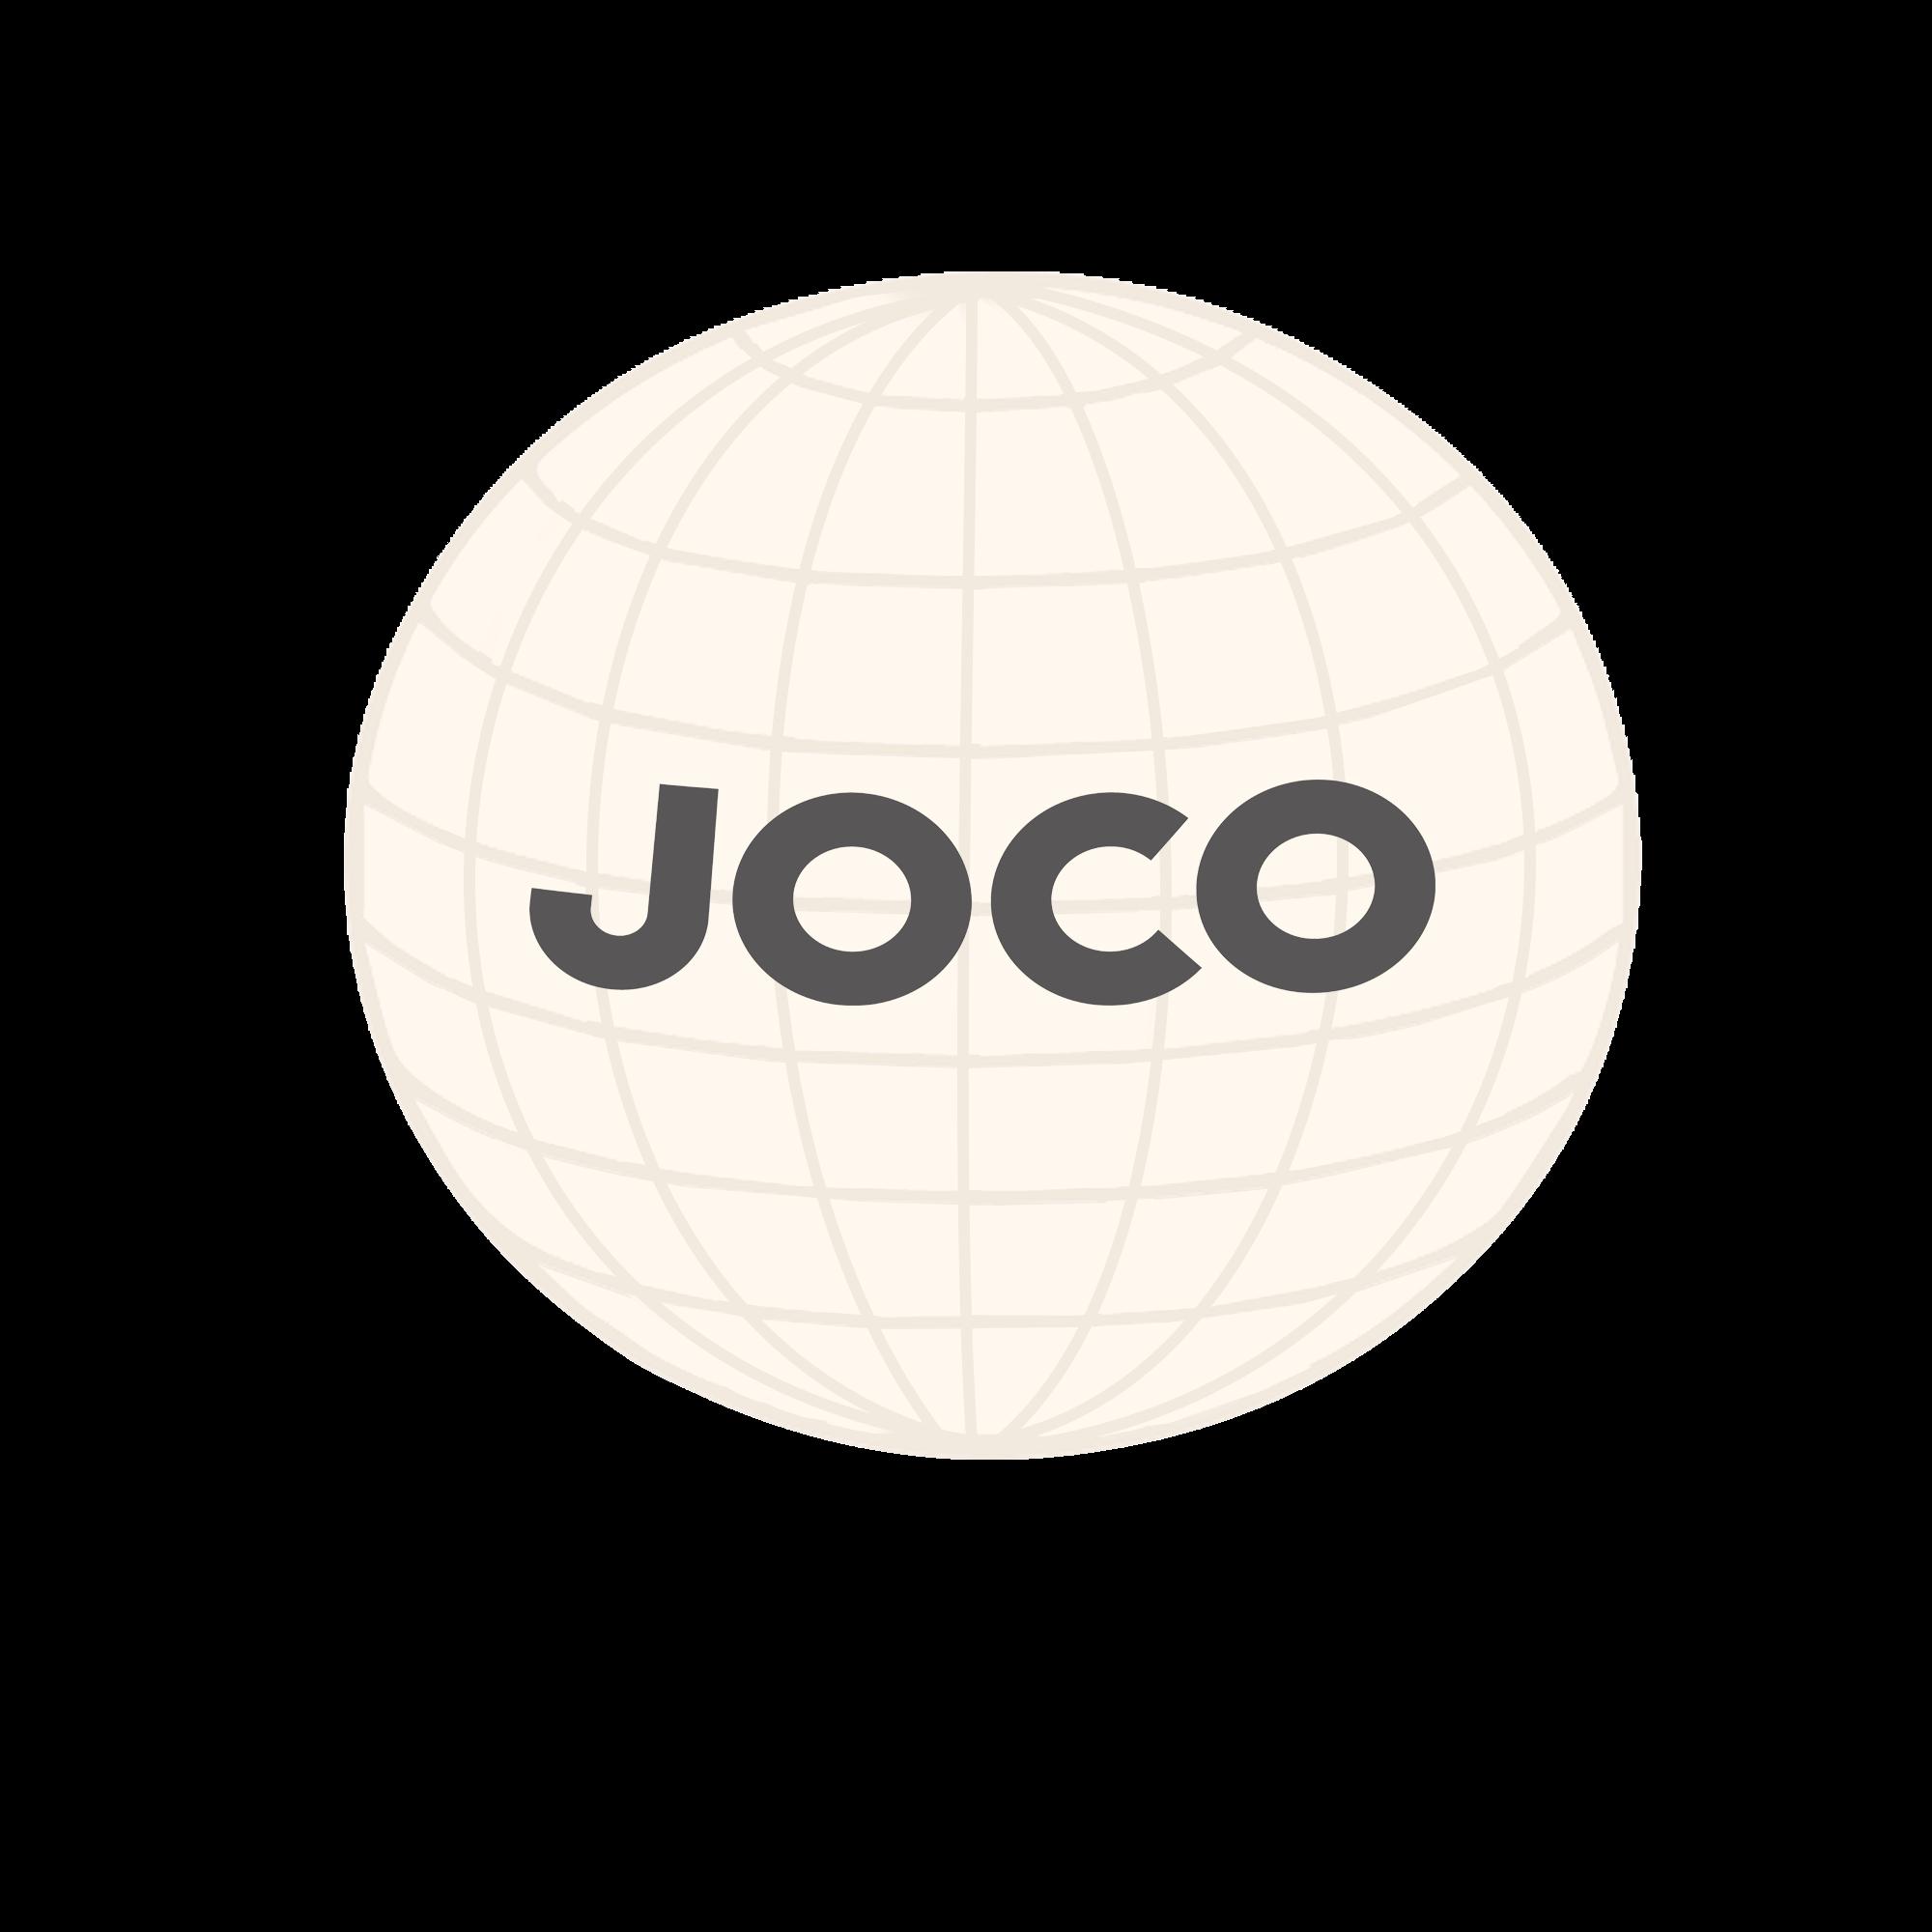 Joco globe